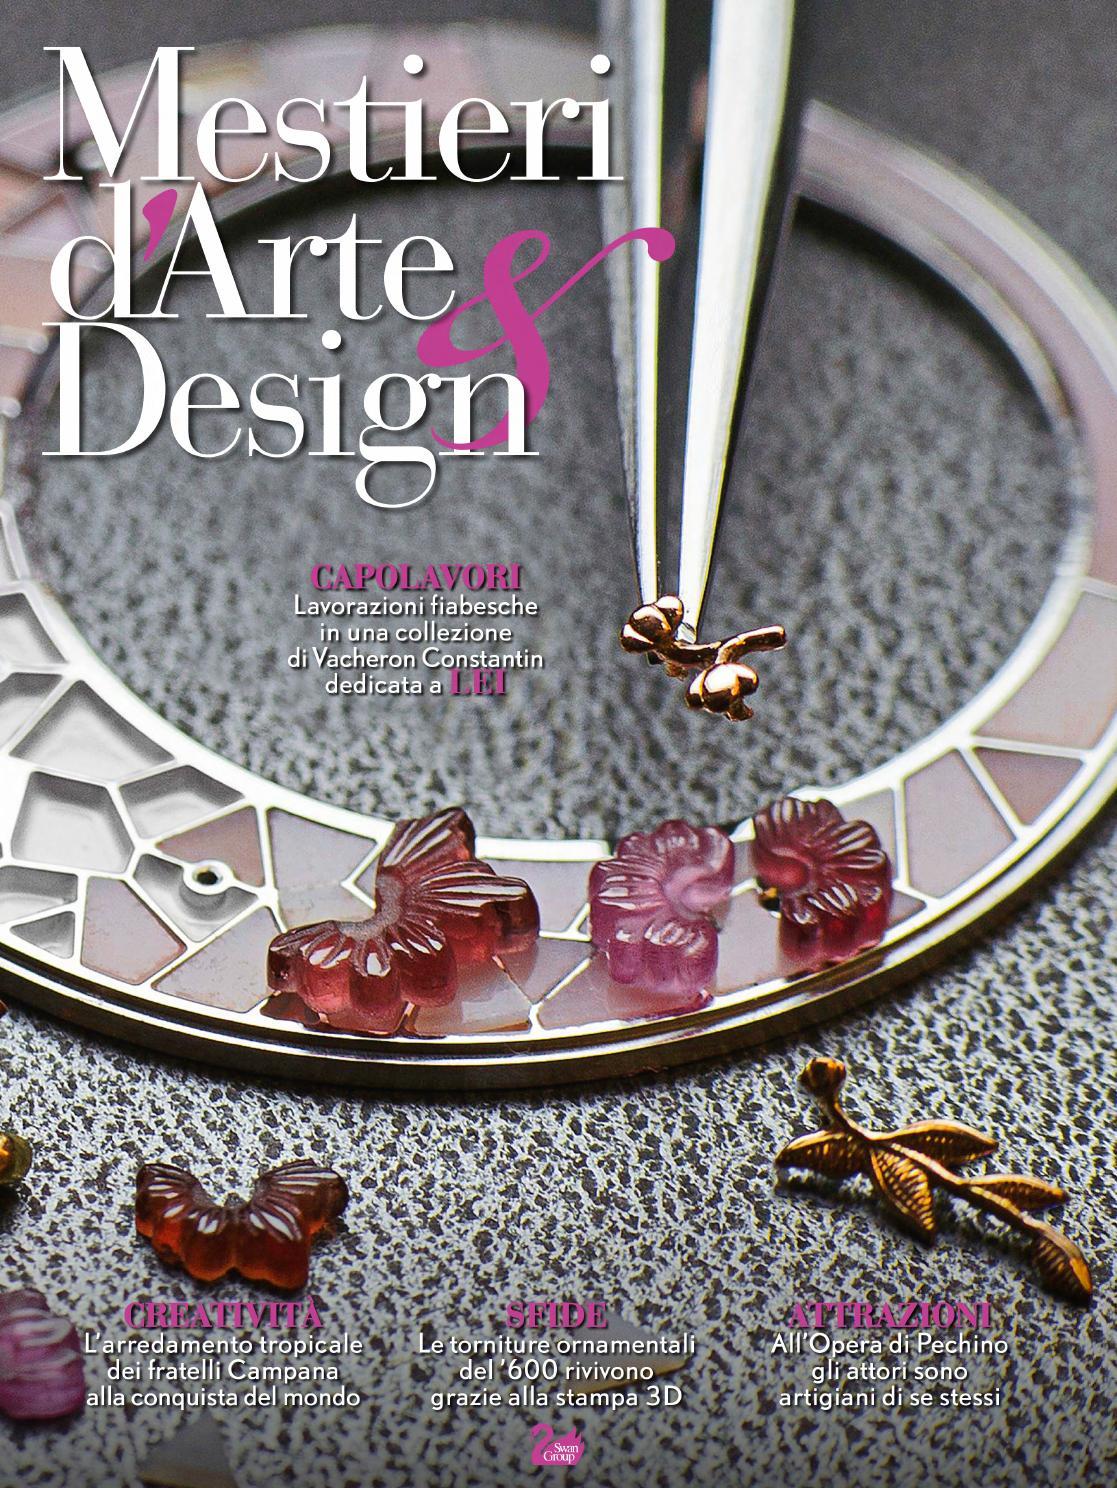 Mestieri d Arte   Design n°10 by Fondazione Cologni dei Mestieri d Arte -  issuu 36912d484cd